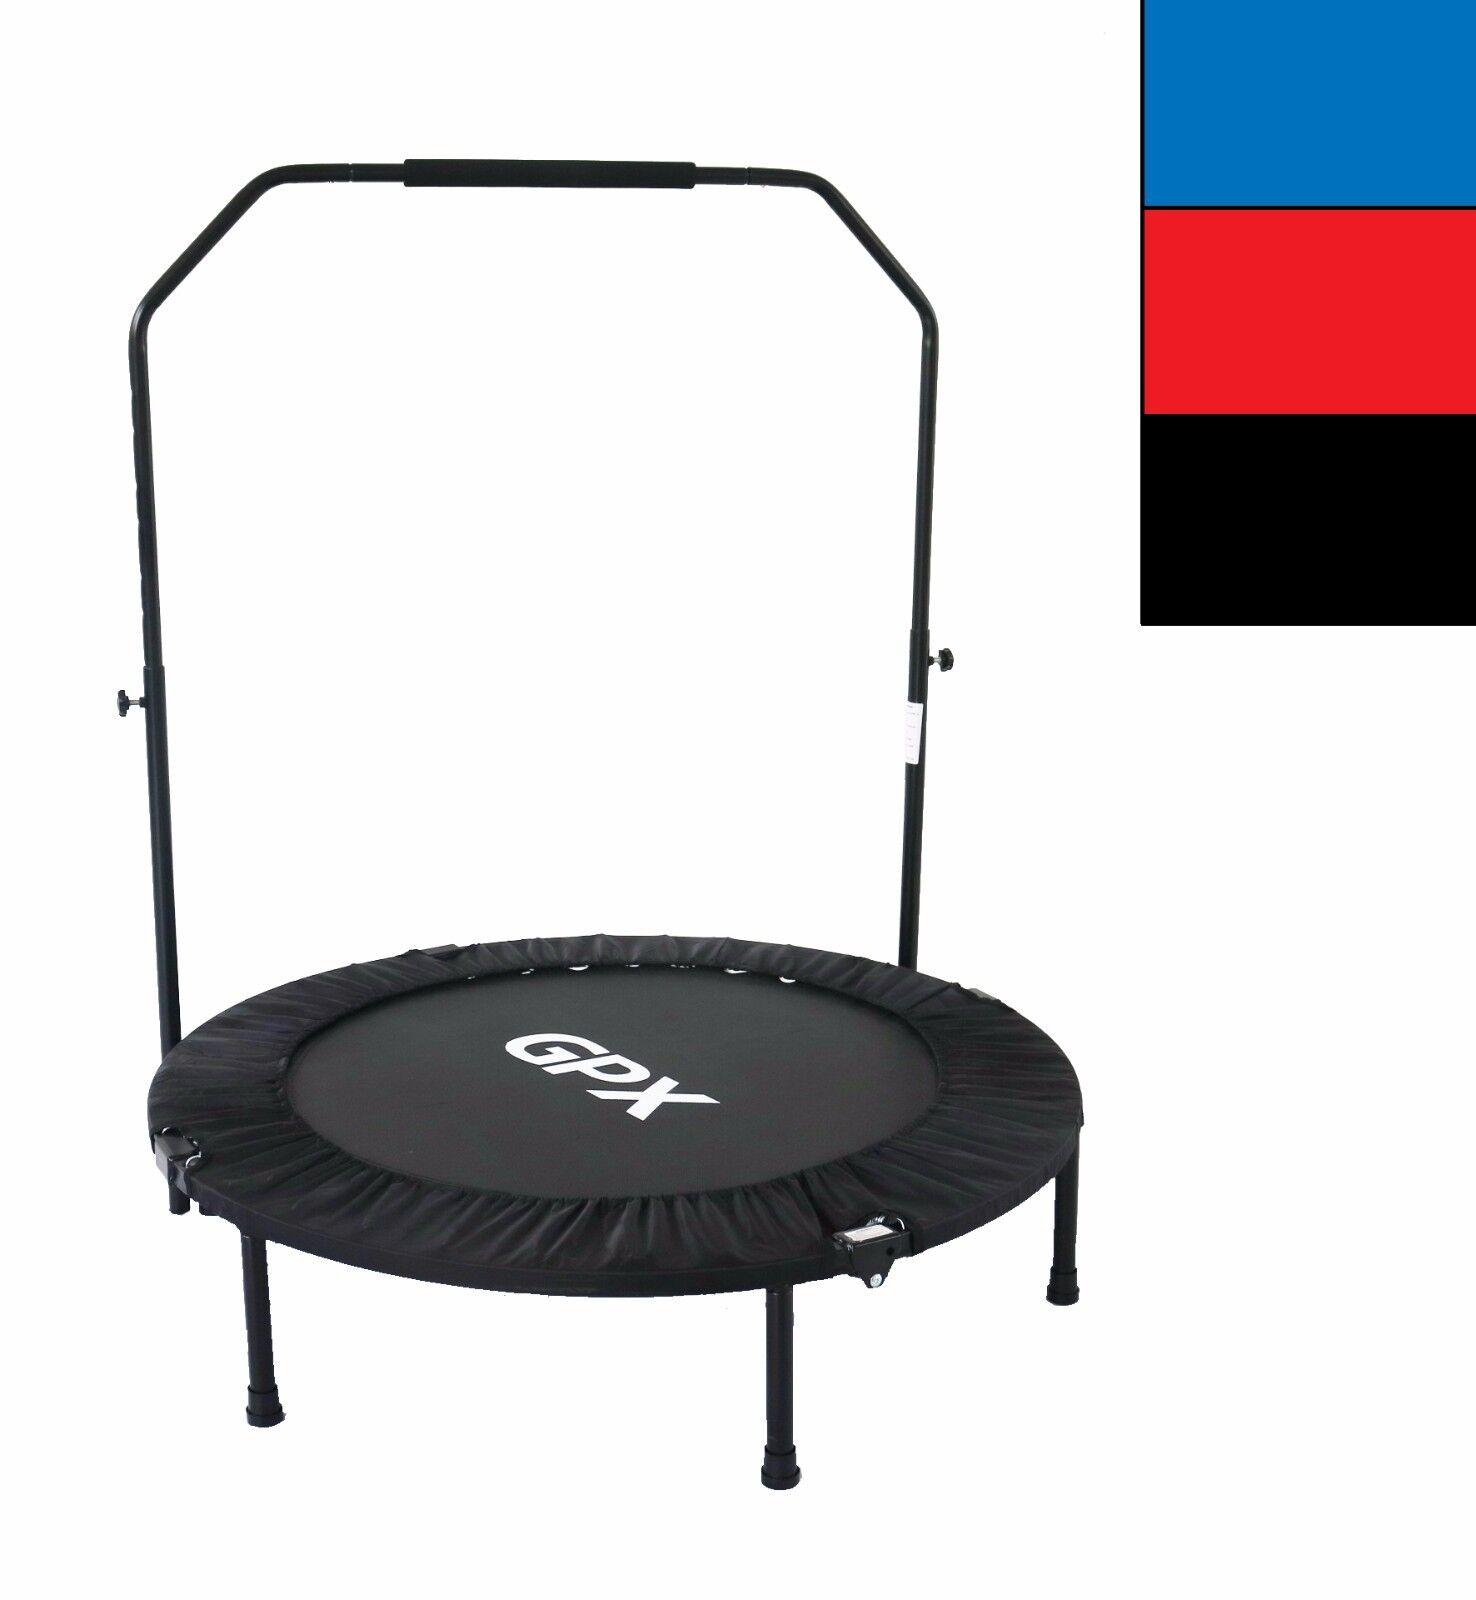 pieghevole fitness mini trampolino Maglione Tappetino elastico + STABILITÀ U